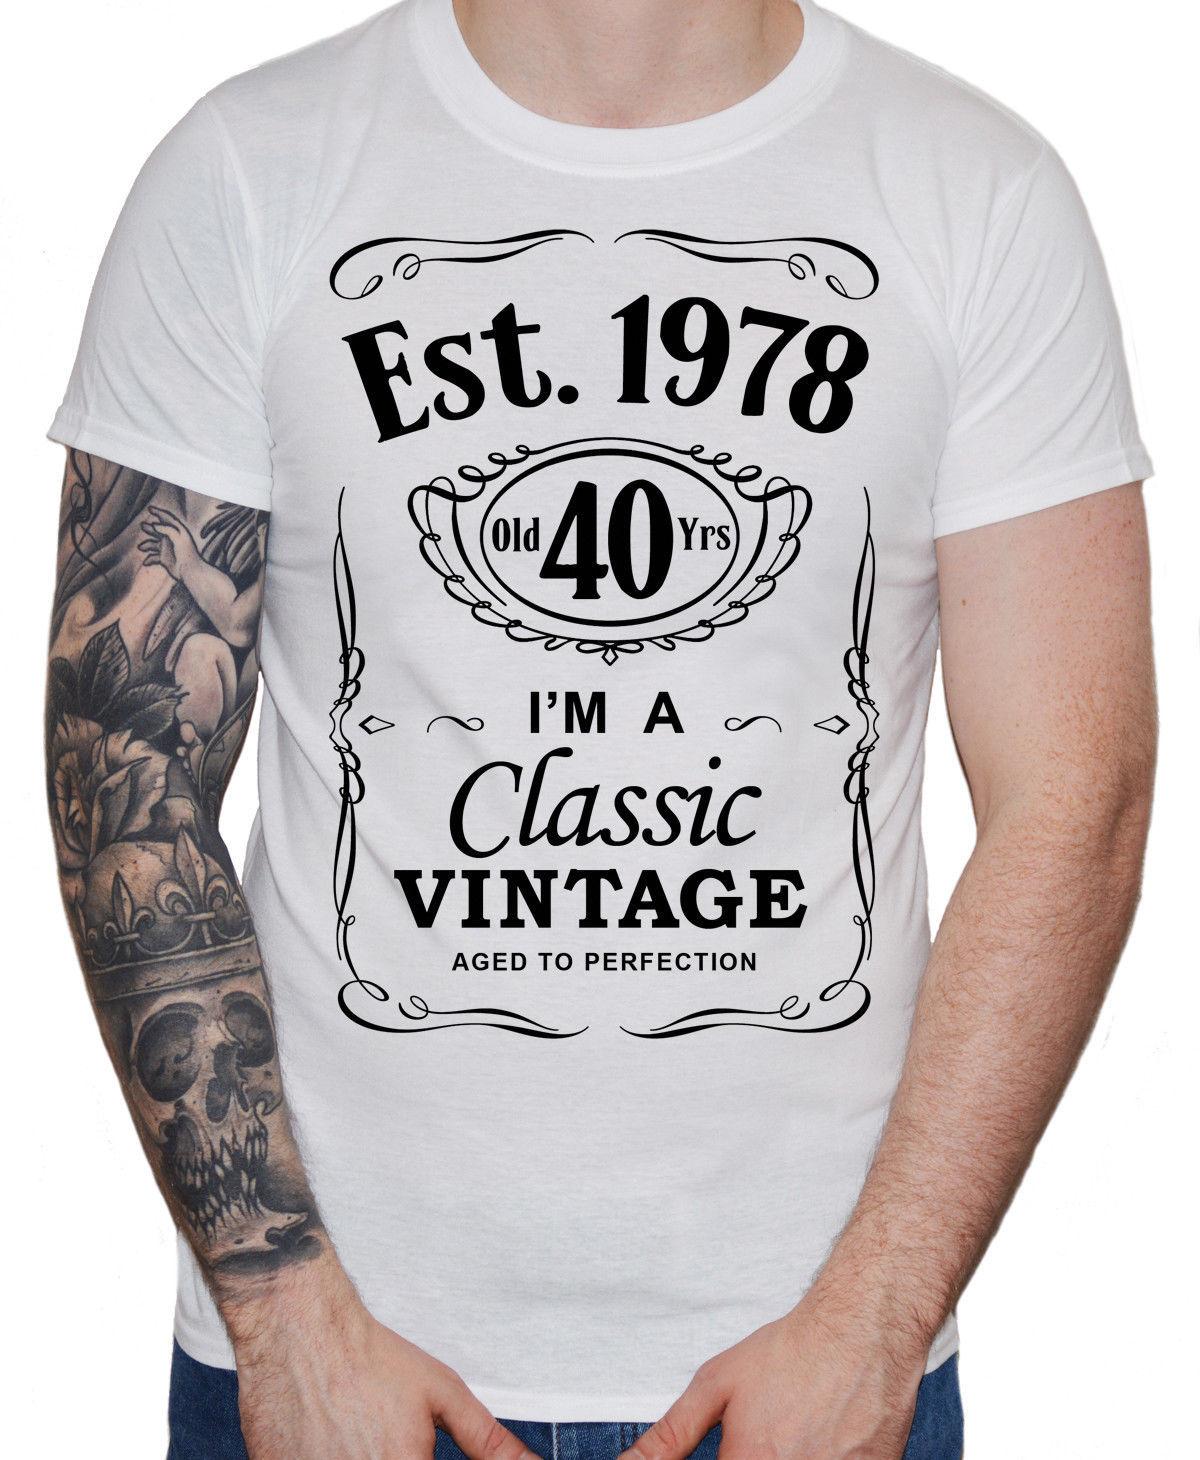 Años Vintage Nueva 40 Para Regalo Cool Hombre 2018 1978 Est Camiseta Cumpleaños DHI9E2